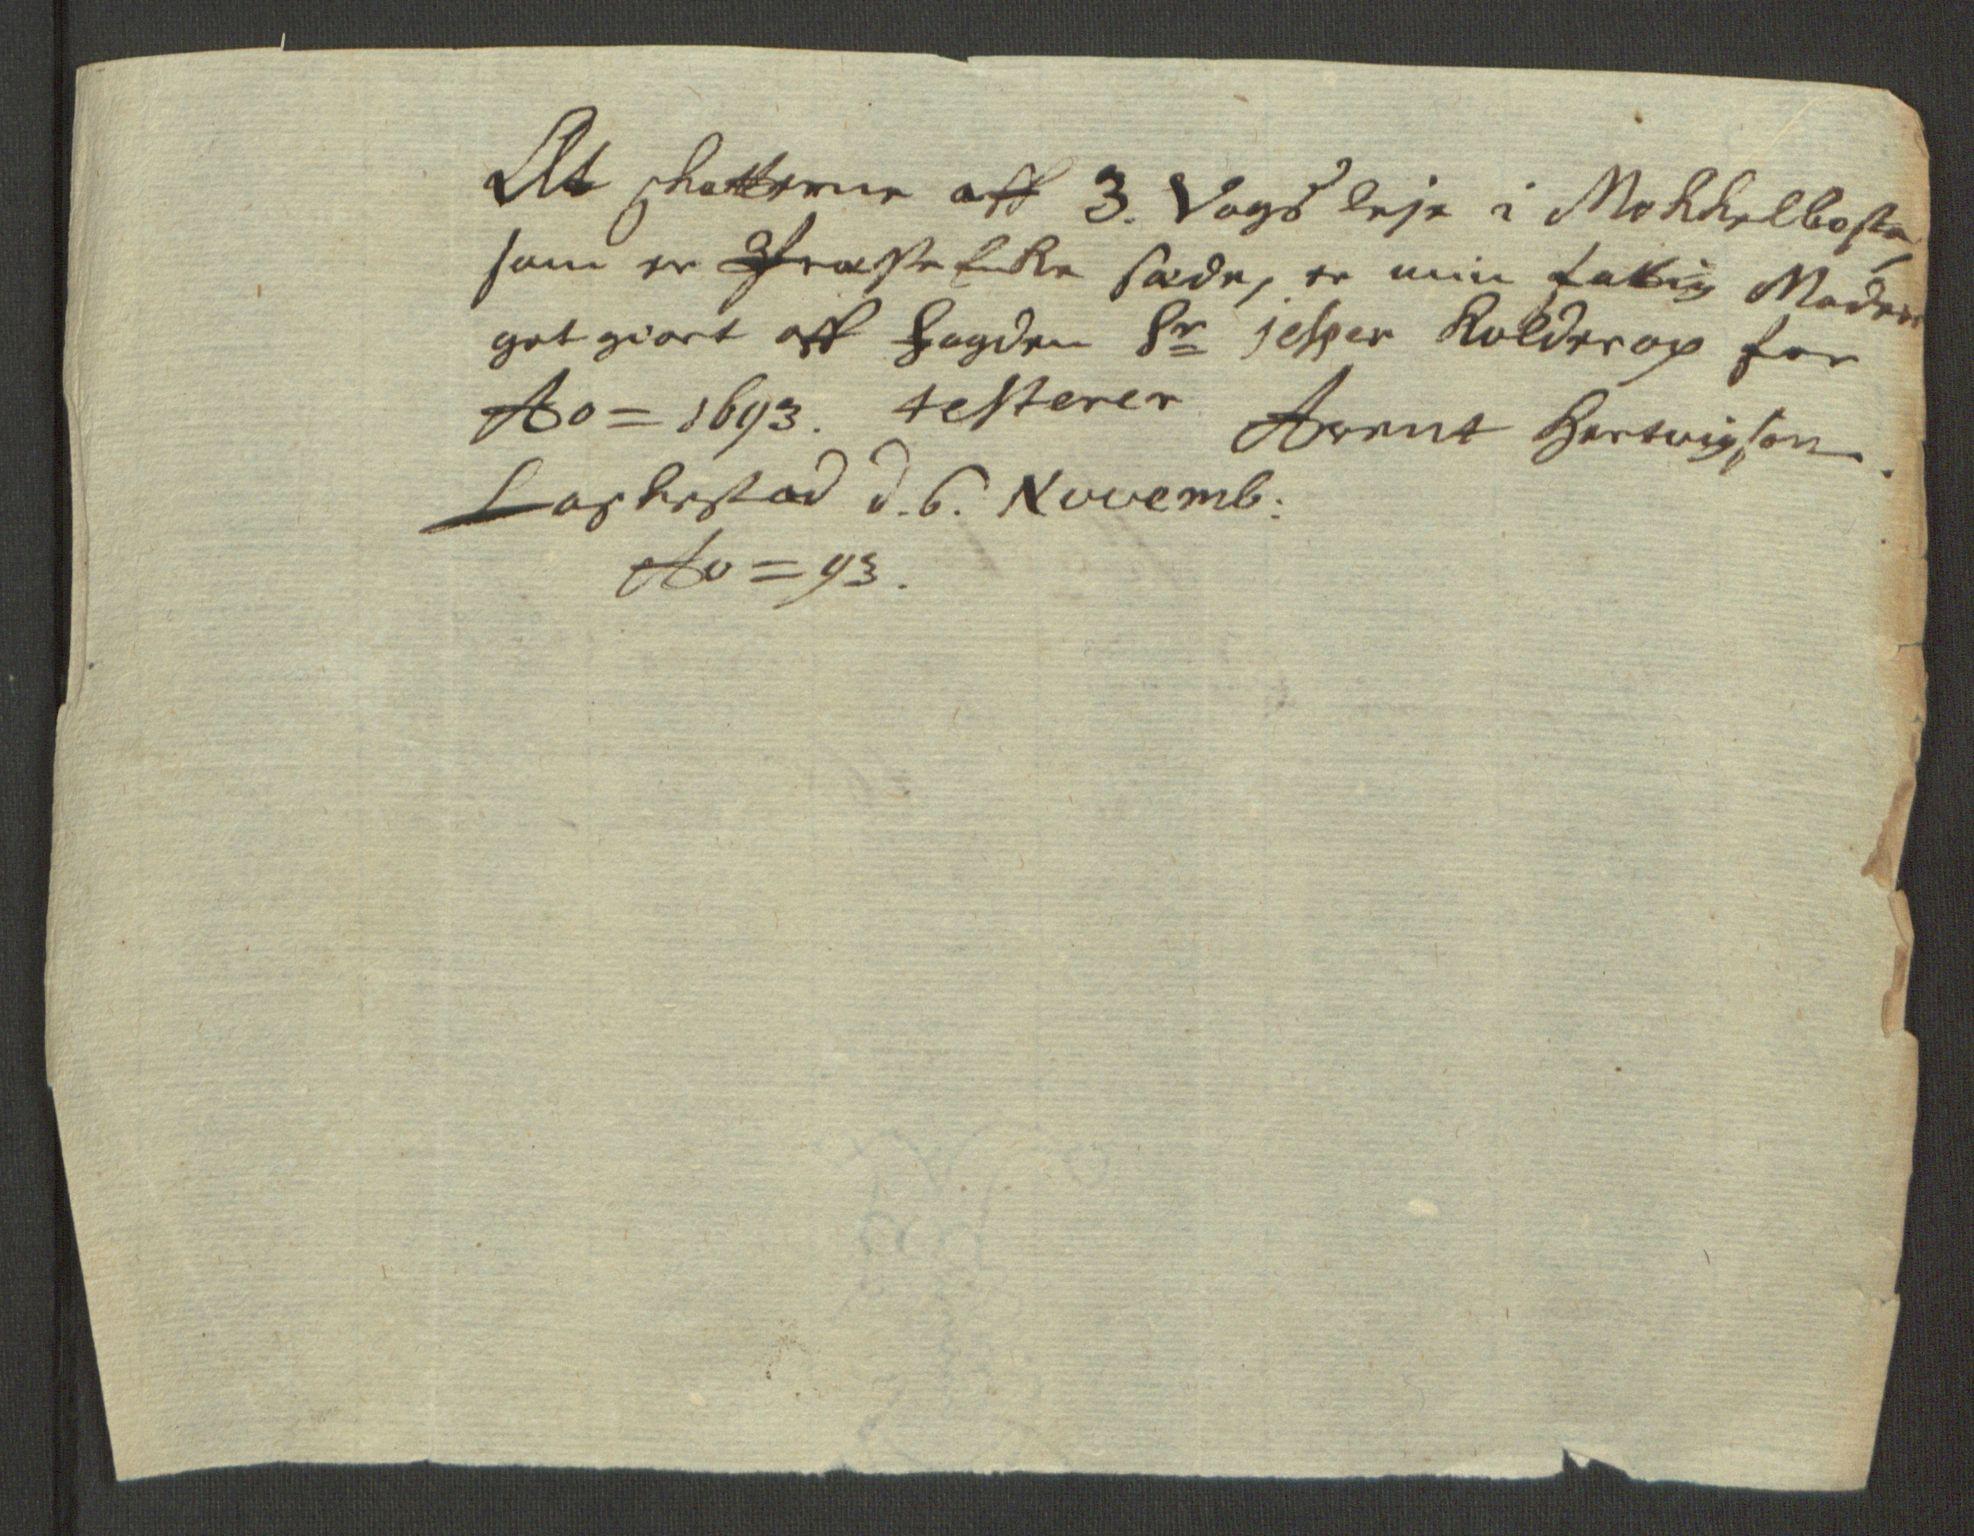 RA, Rentekammeret inntil 1814, Reviderte regnskaper, Fogderegnskap, R66/L4577: Fogderegnskap Salten, 1691-1693, s. 335